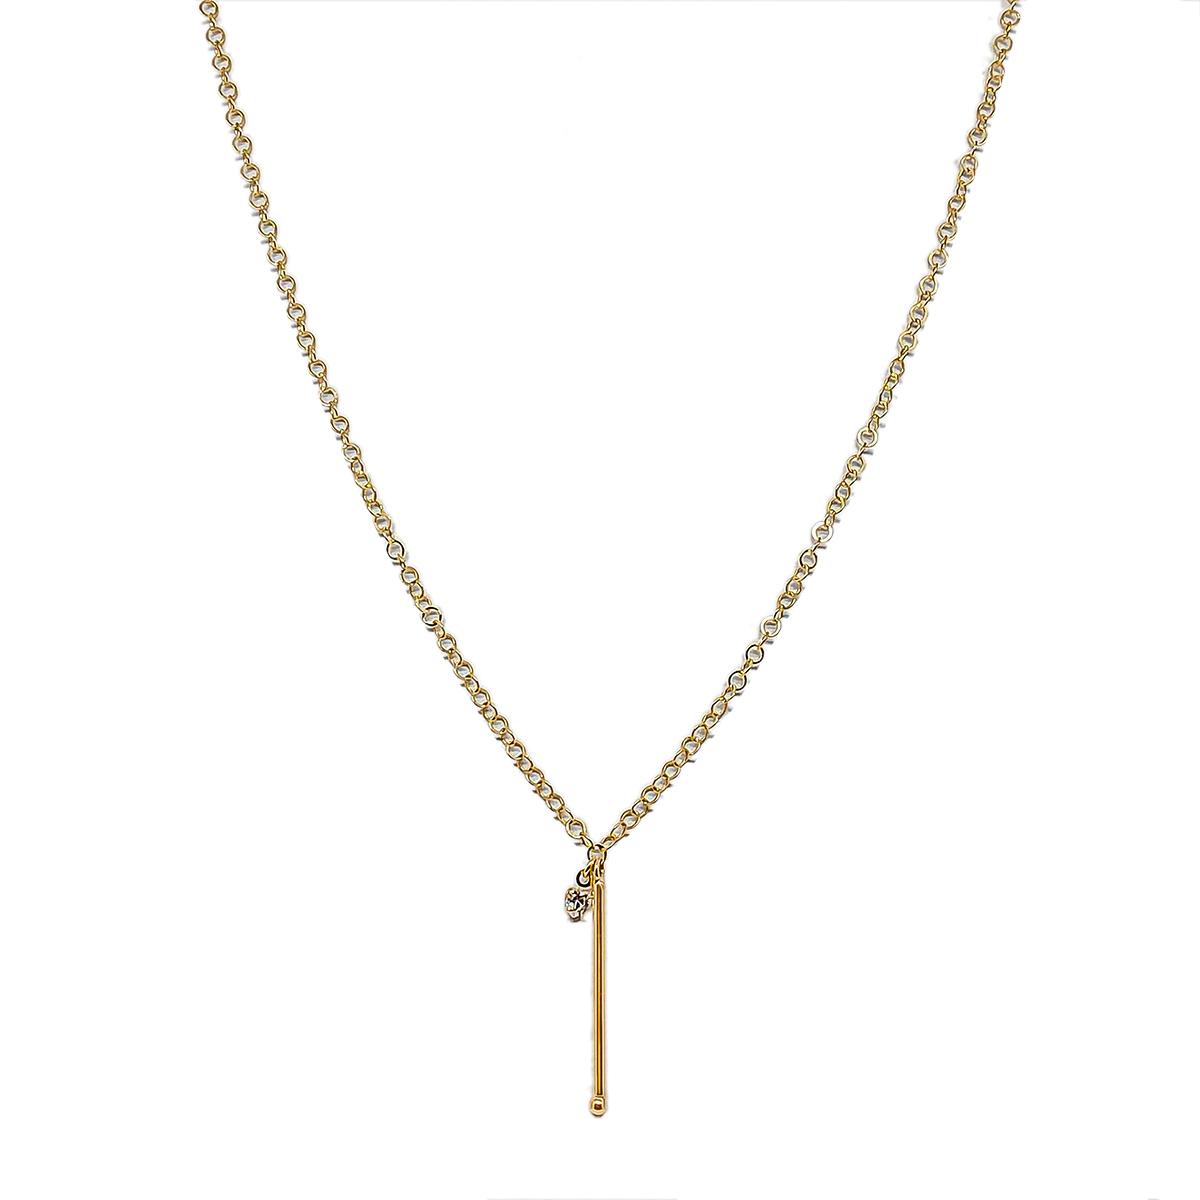 Colar Longo Palito e Coração De Zircônia 60 cm Folheado Ouro